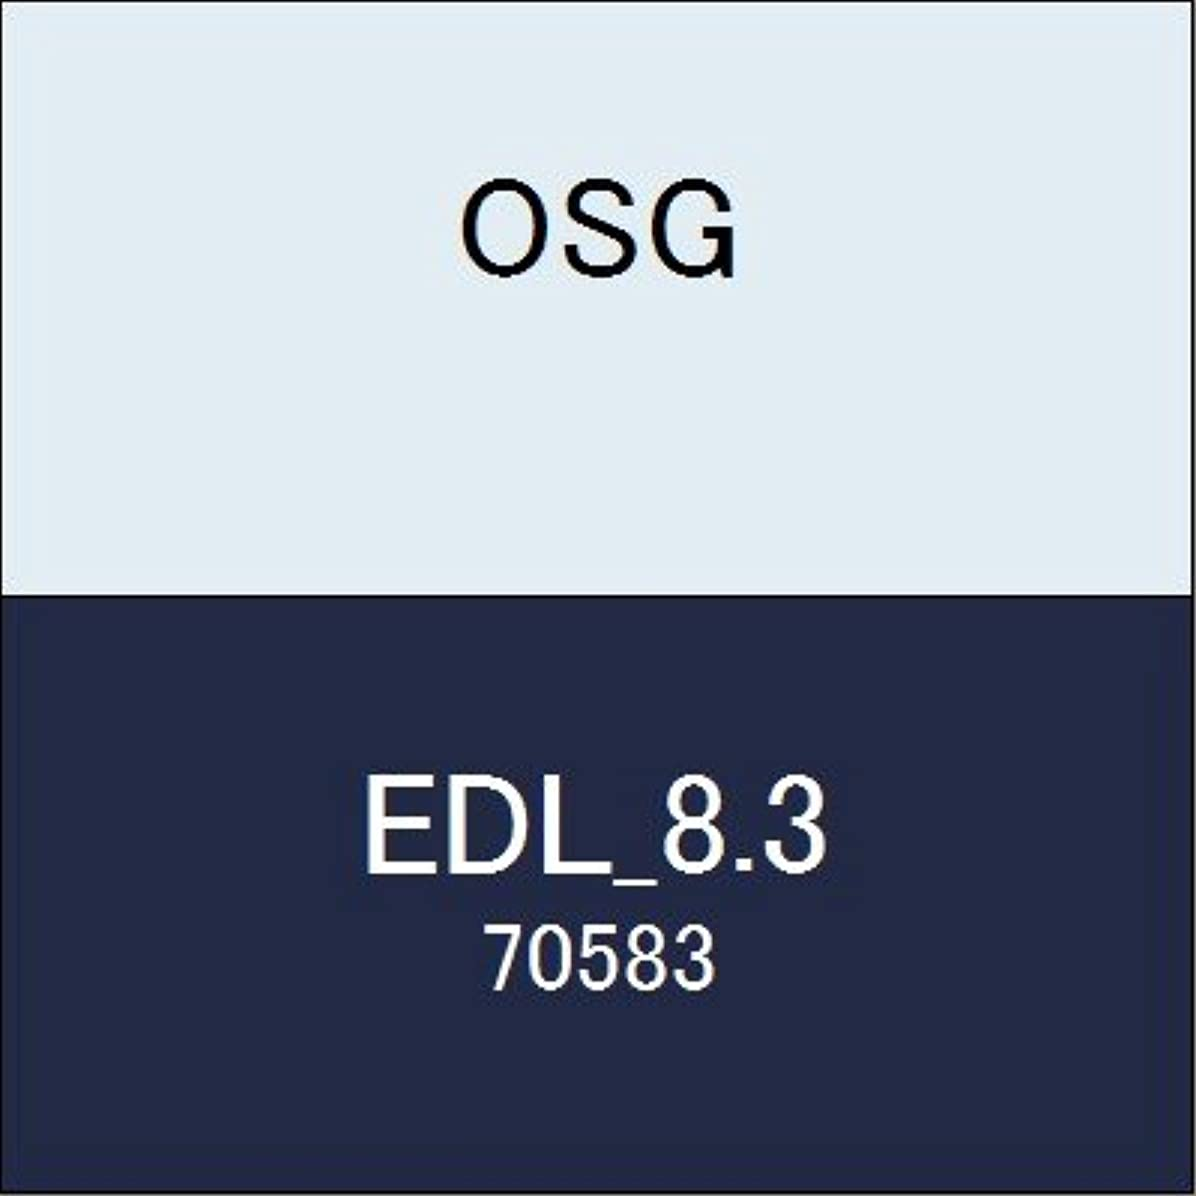 ヒューバートハドソンポーク直面するOSG エンドミル EDL_8.3 商品番号 70583